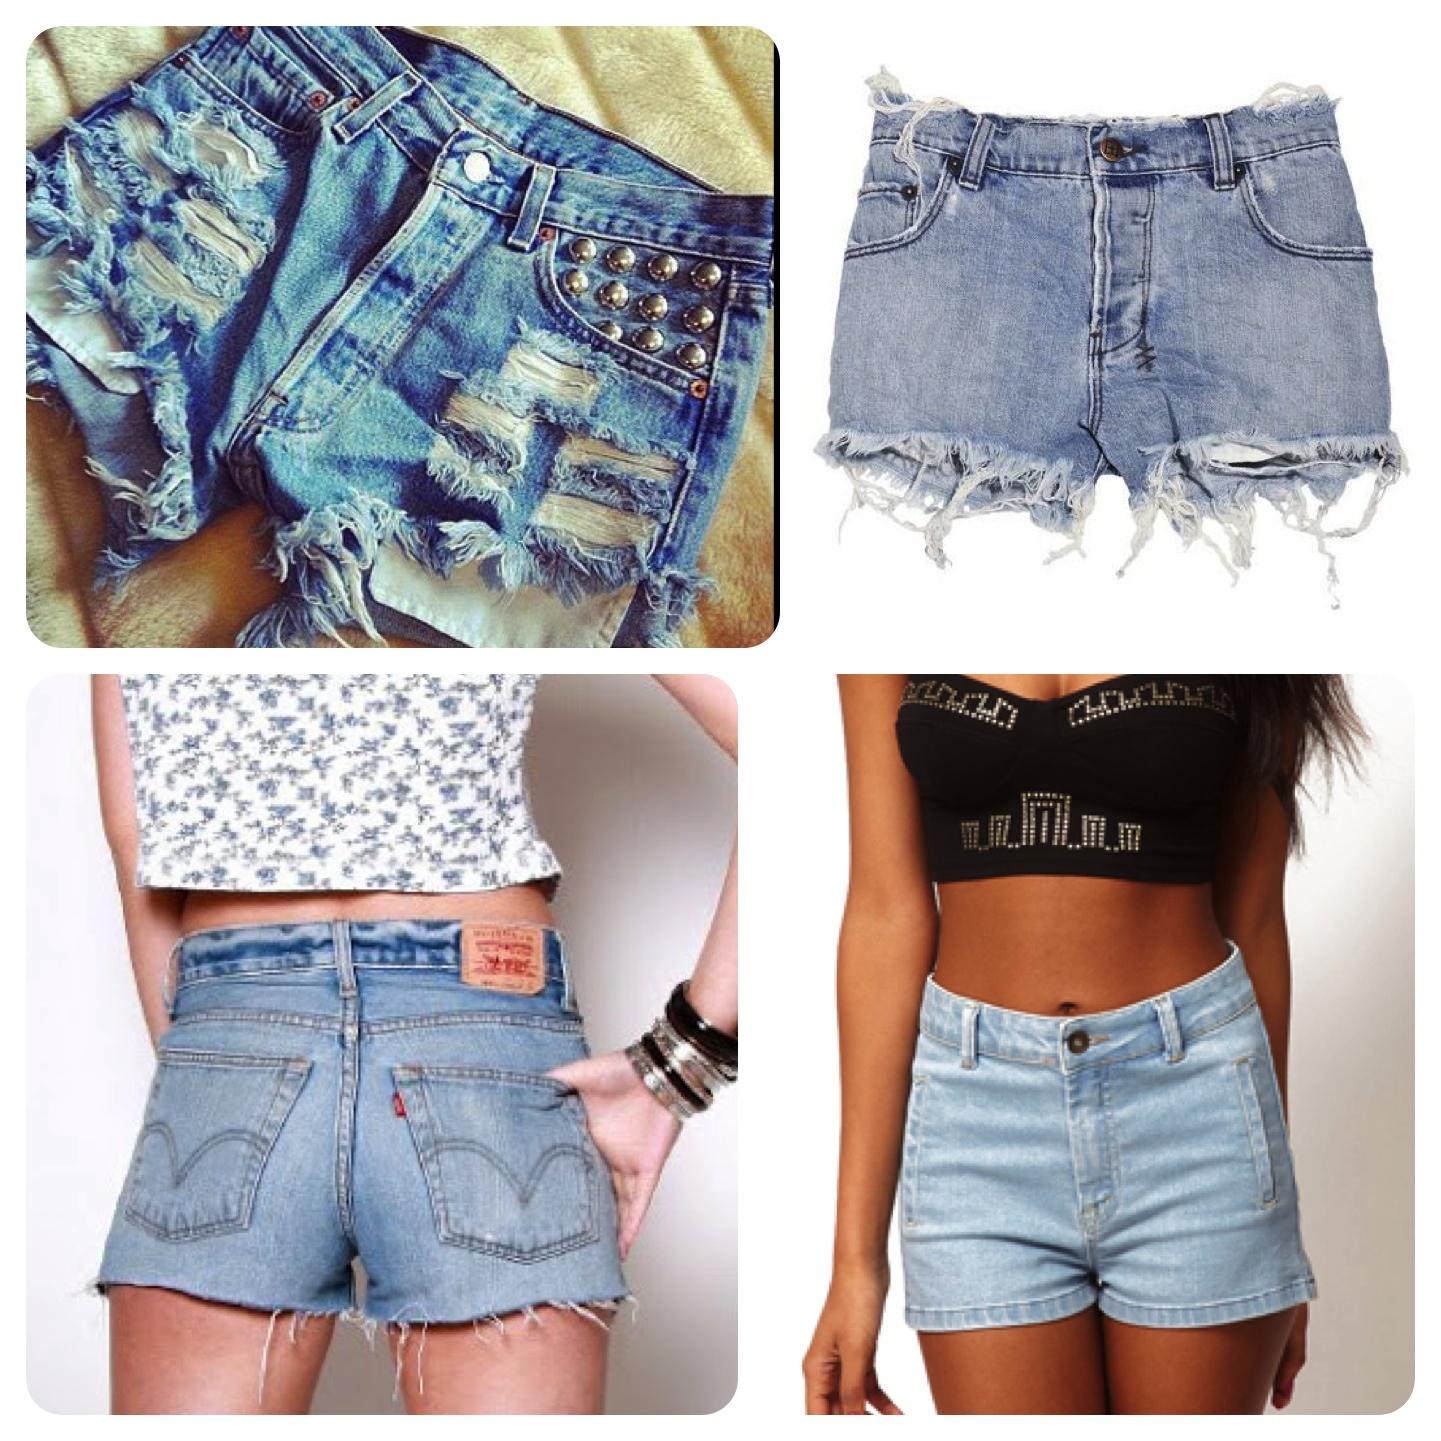 I Like Short Shorts For Summer